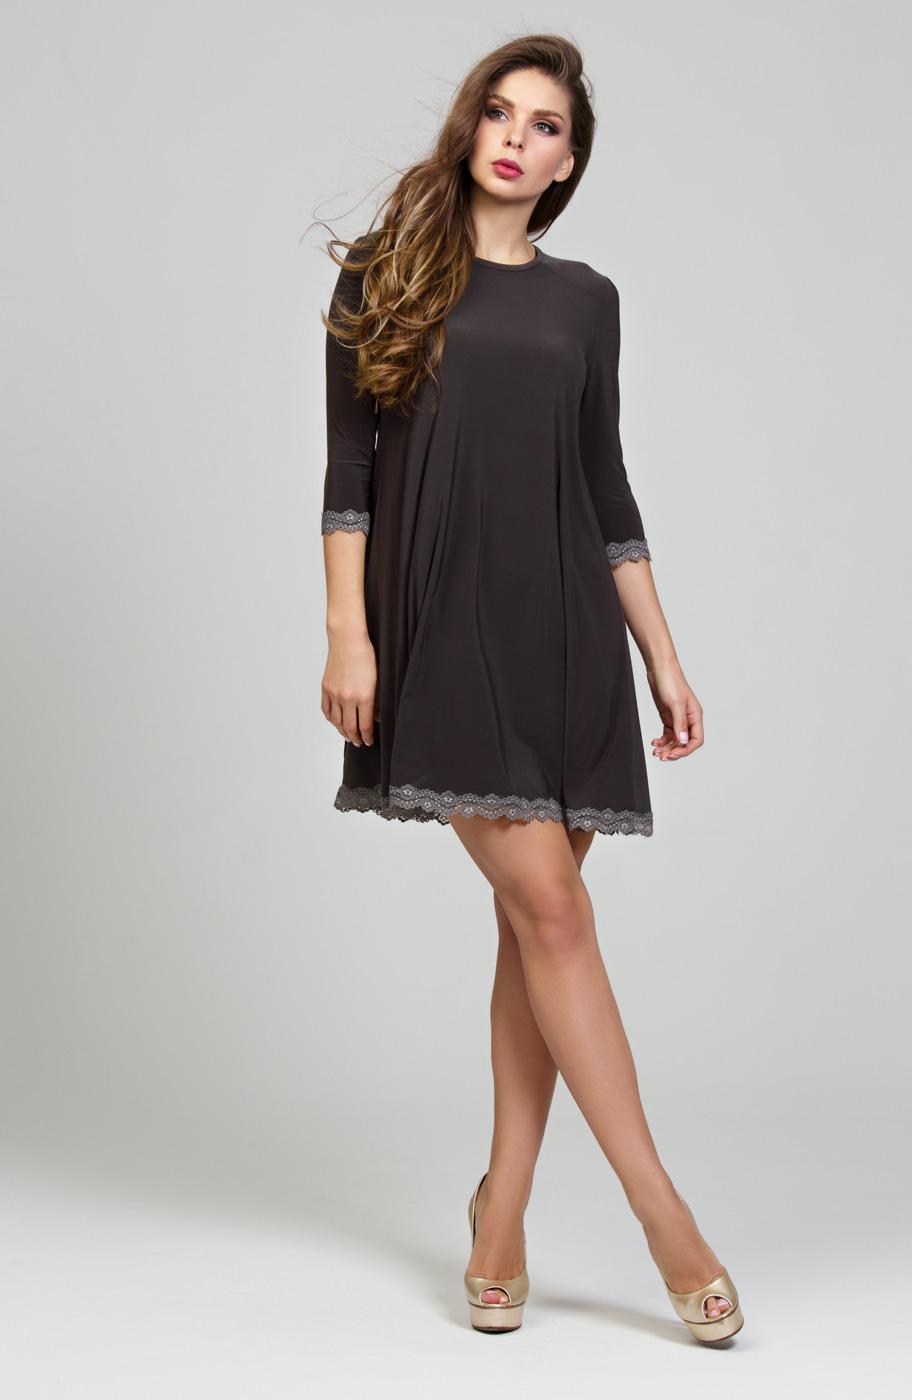 9057beeed17 Коктейльное платье Donna-Saggia DSP-255-78t от производителя